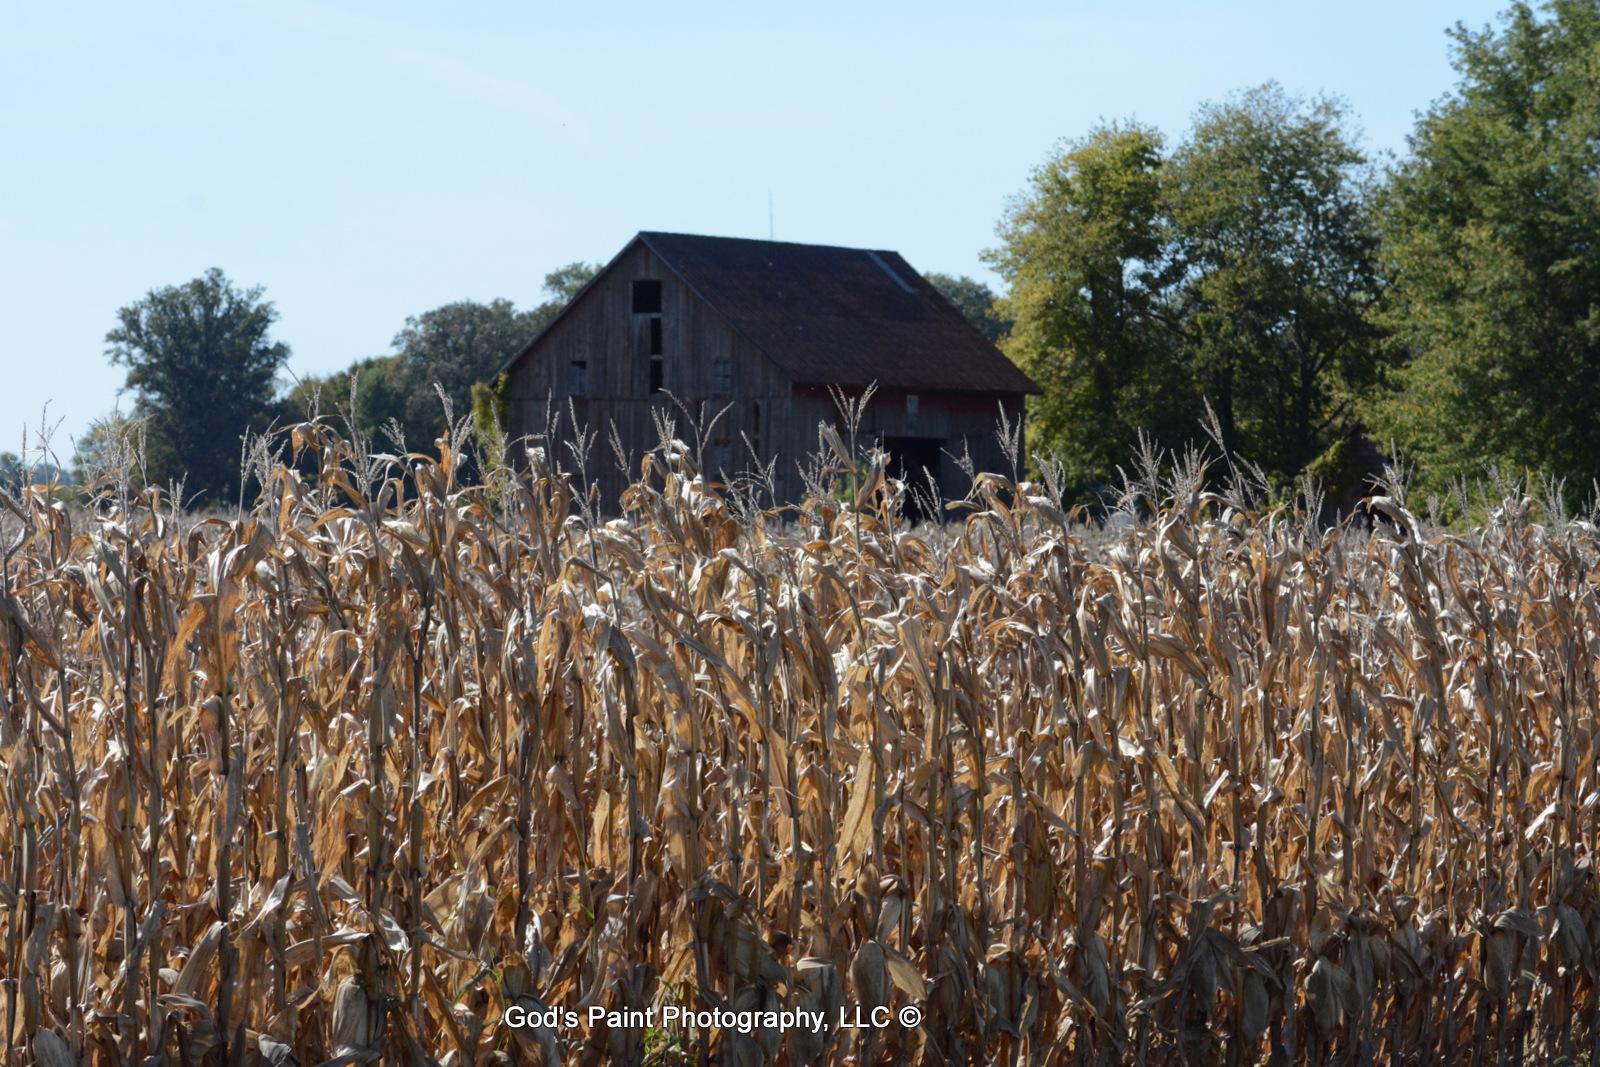 Corn & Barn